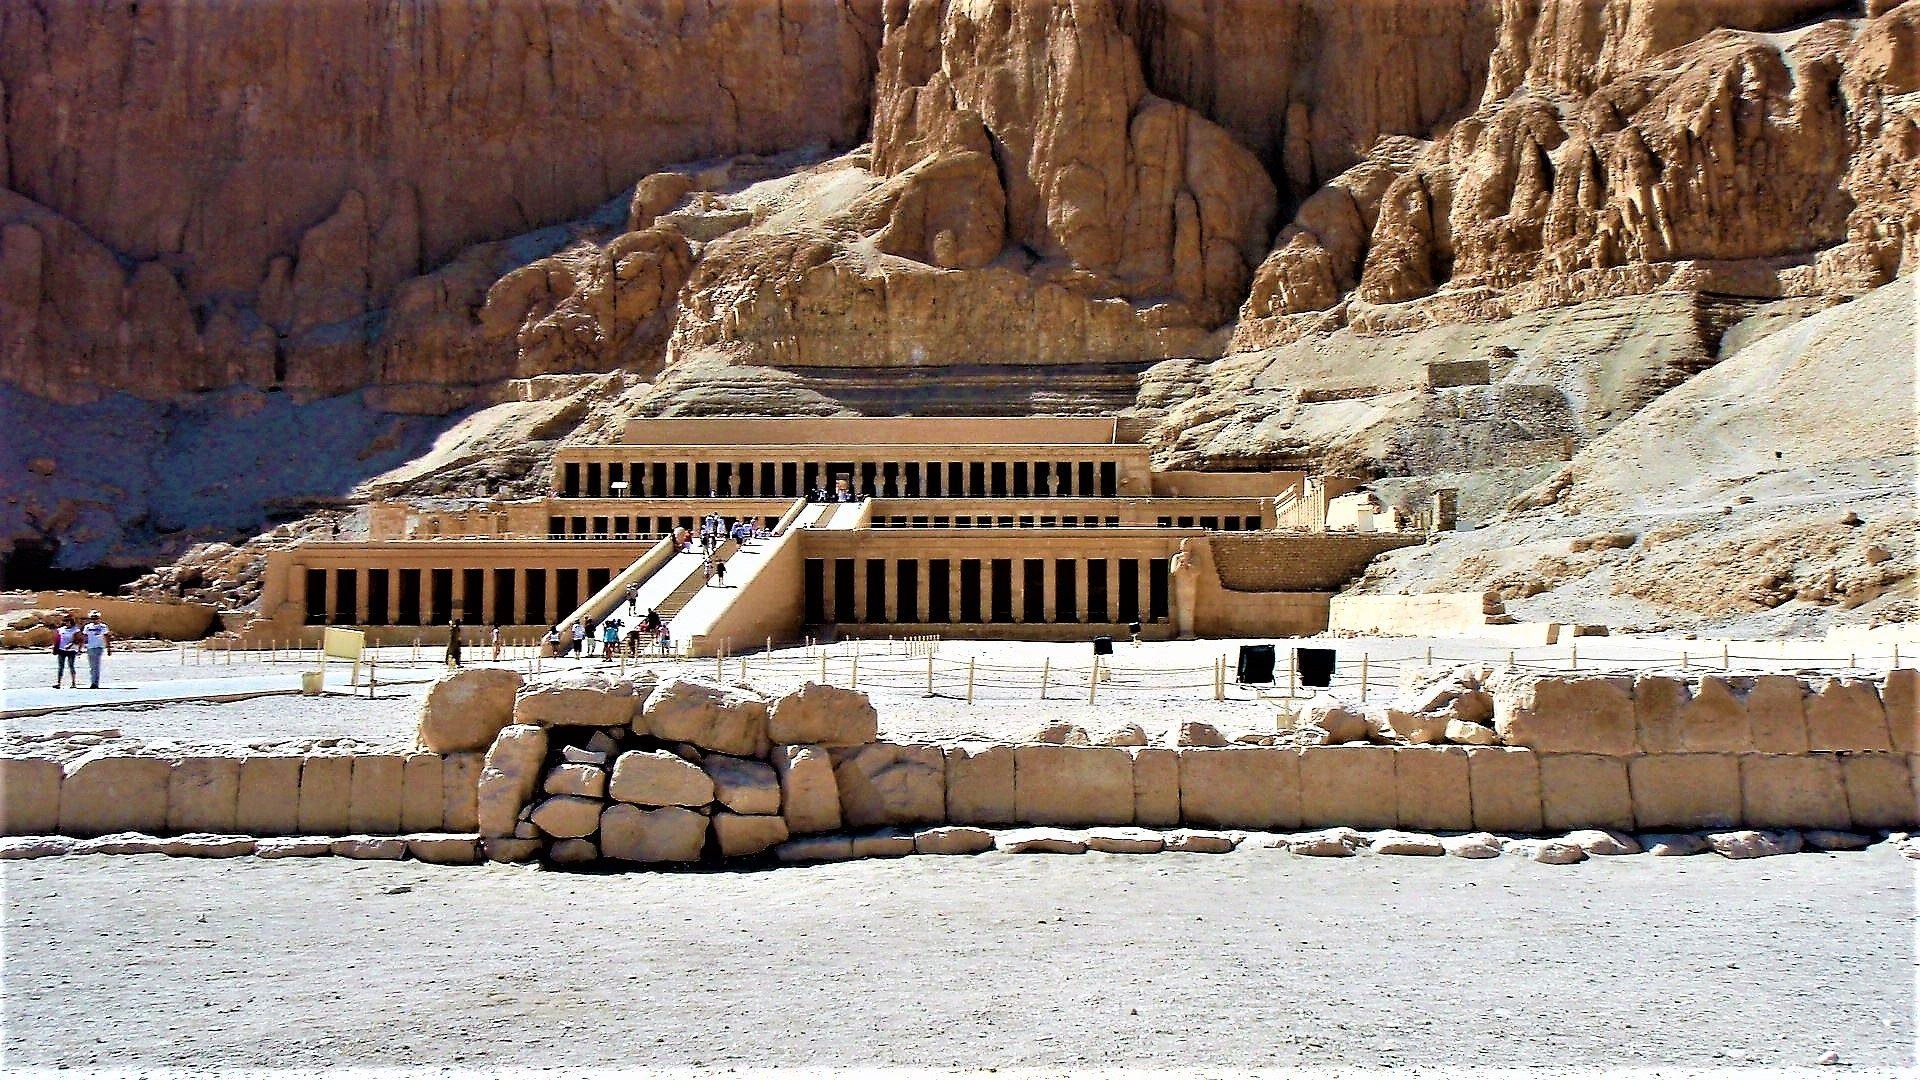 templo, arqueología, ruinas, ancestros, hatshepsut, luxor - Fondos de Pantalla HD - professor-falken.com